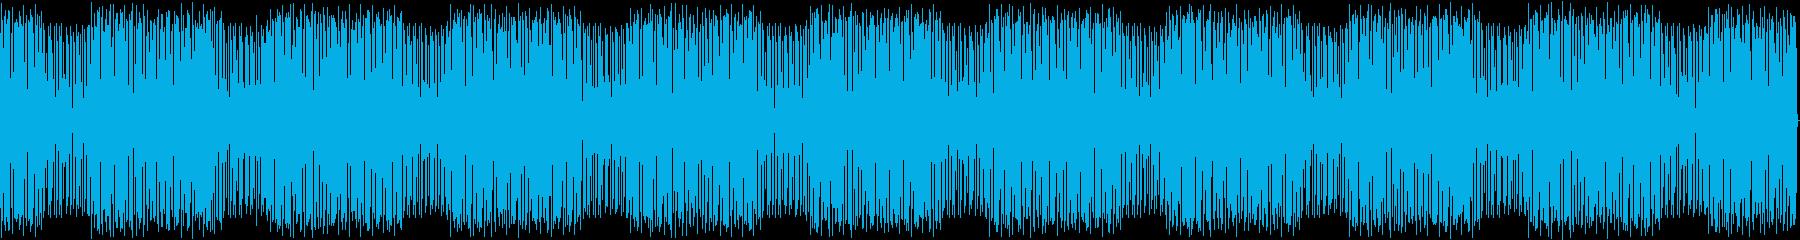 シンセとドラムのPOPでヘンテコBGMの再生済みの波形